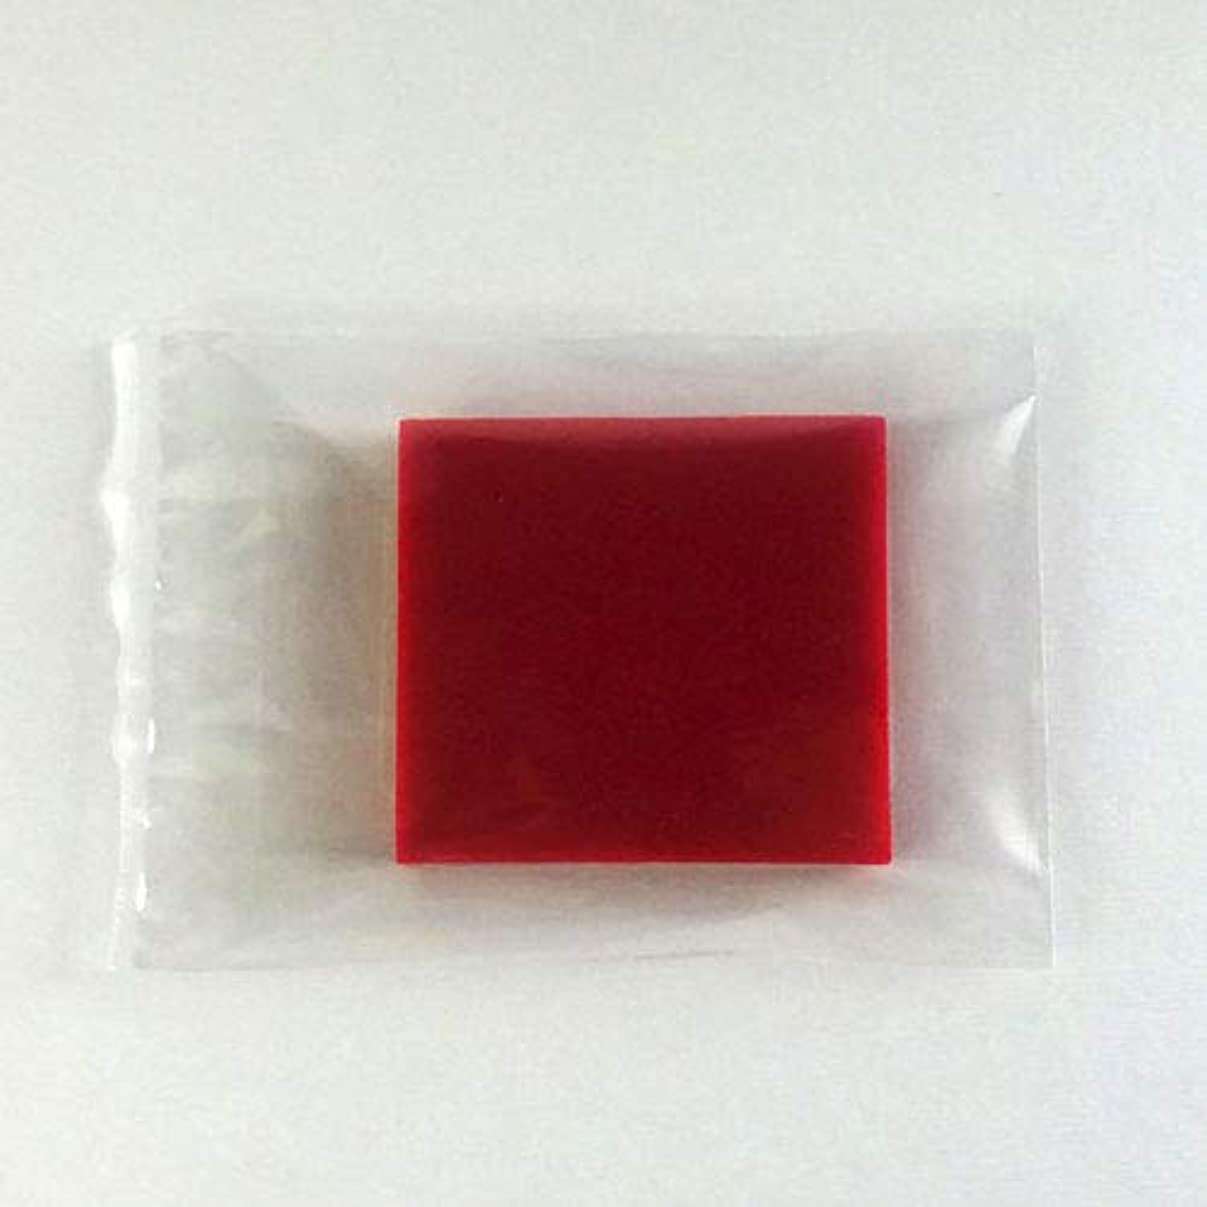 歯科医ながら限られたグリセリンソープ MPソープ 色チップ 赤(レッド) 60g(30g x 2pc)